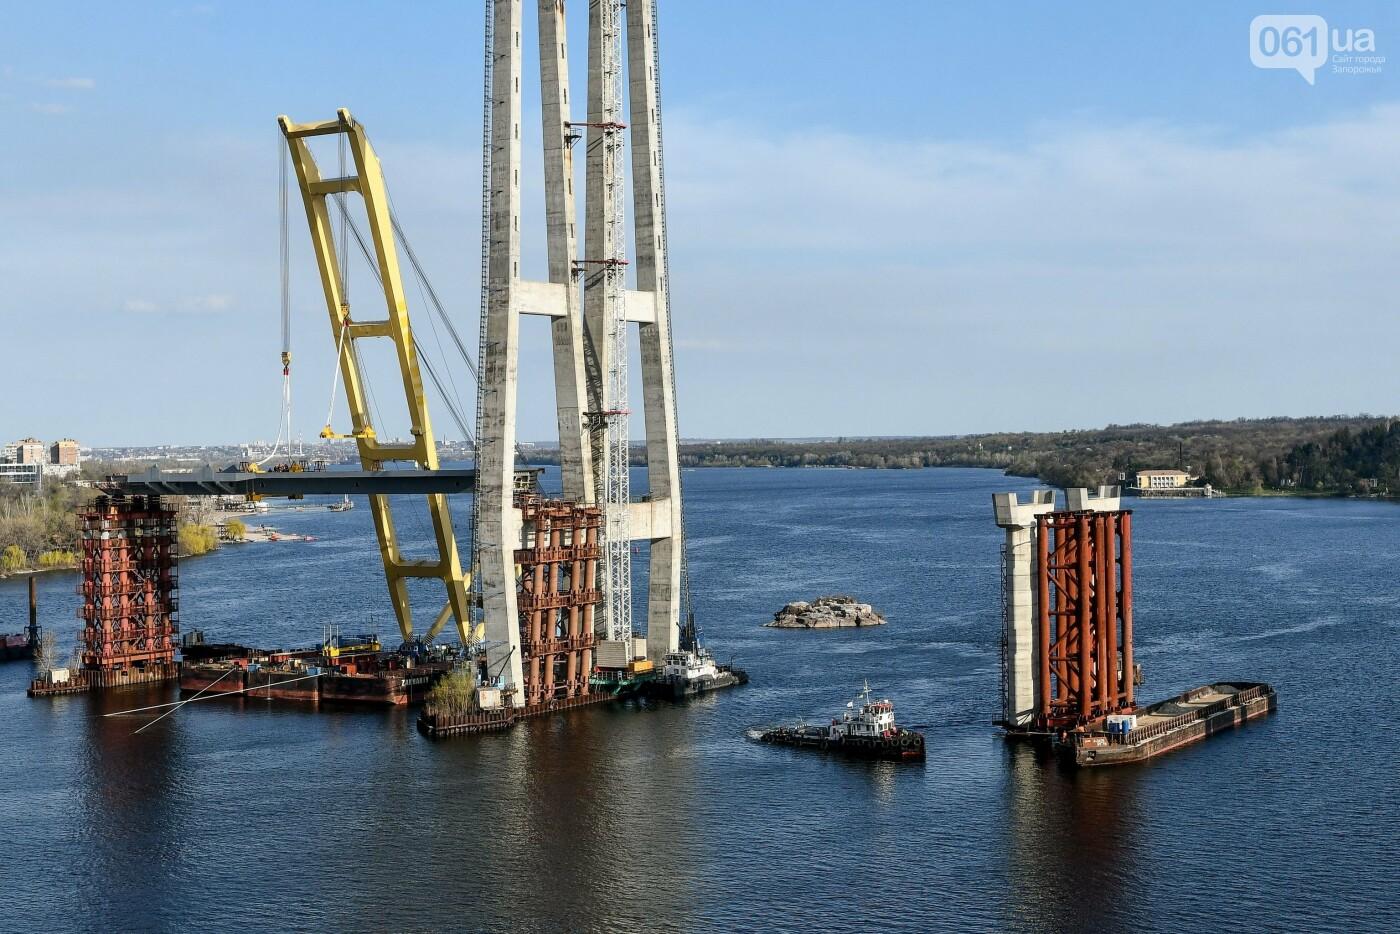 В Запорожье монтируют первый блок вантового моста, - ФОТОРЕПОРТАЖ, фото-15